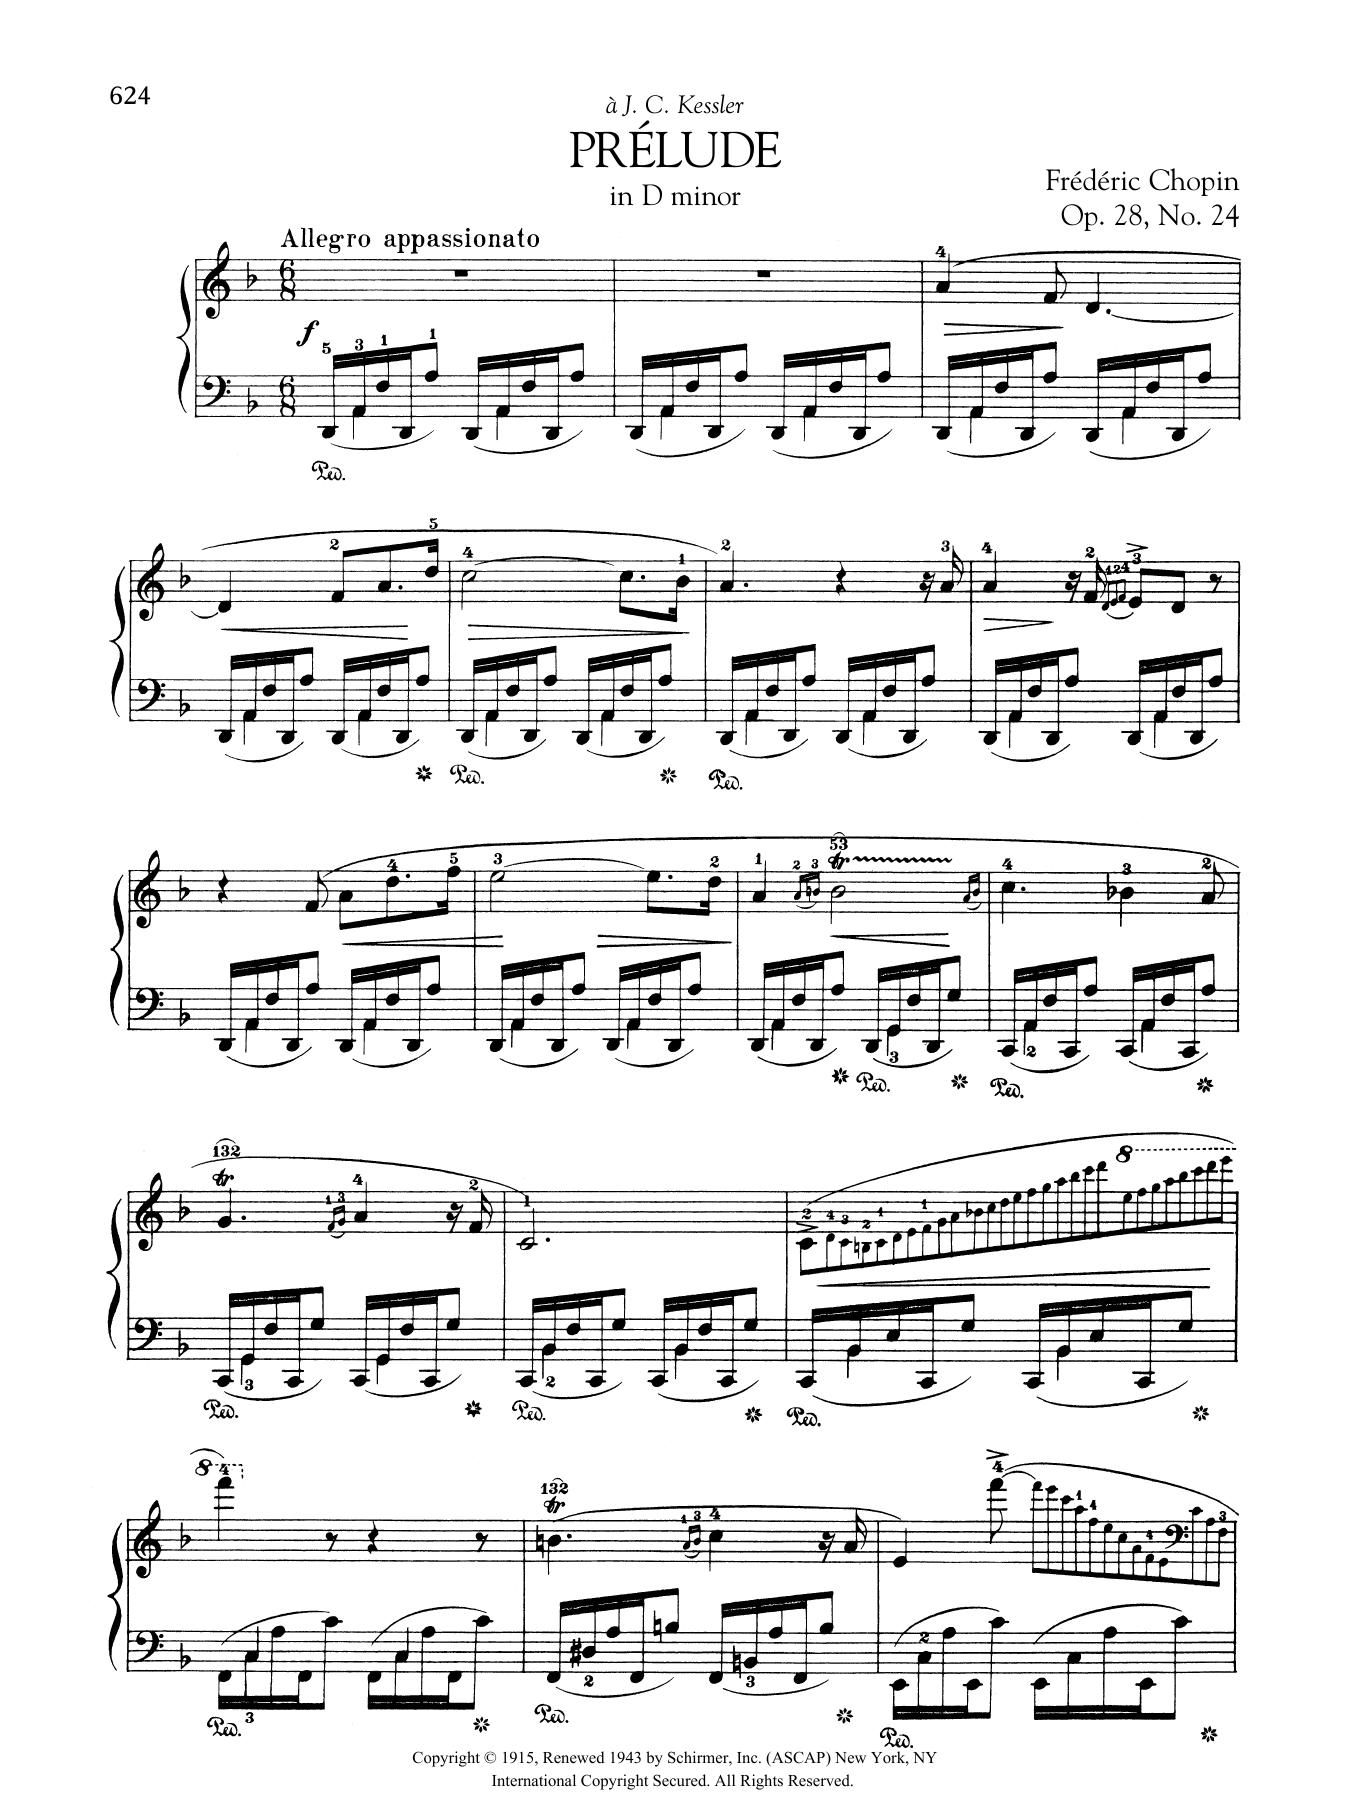 Prélude in D minor, Op. 28, No. 24 Sheet Music